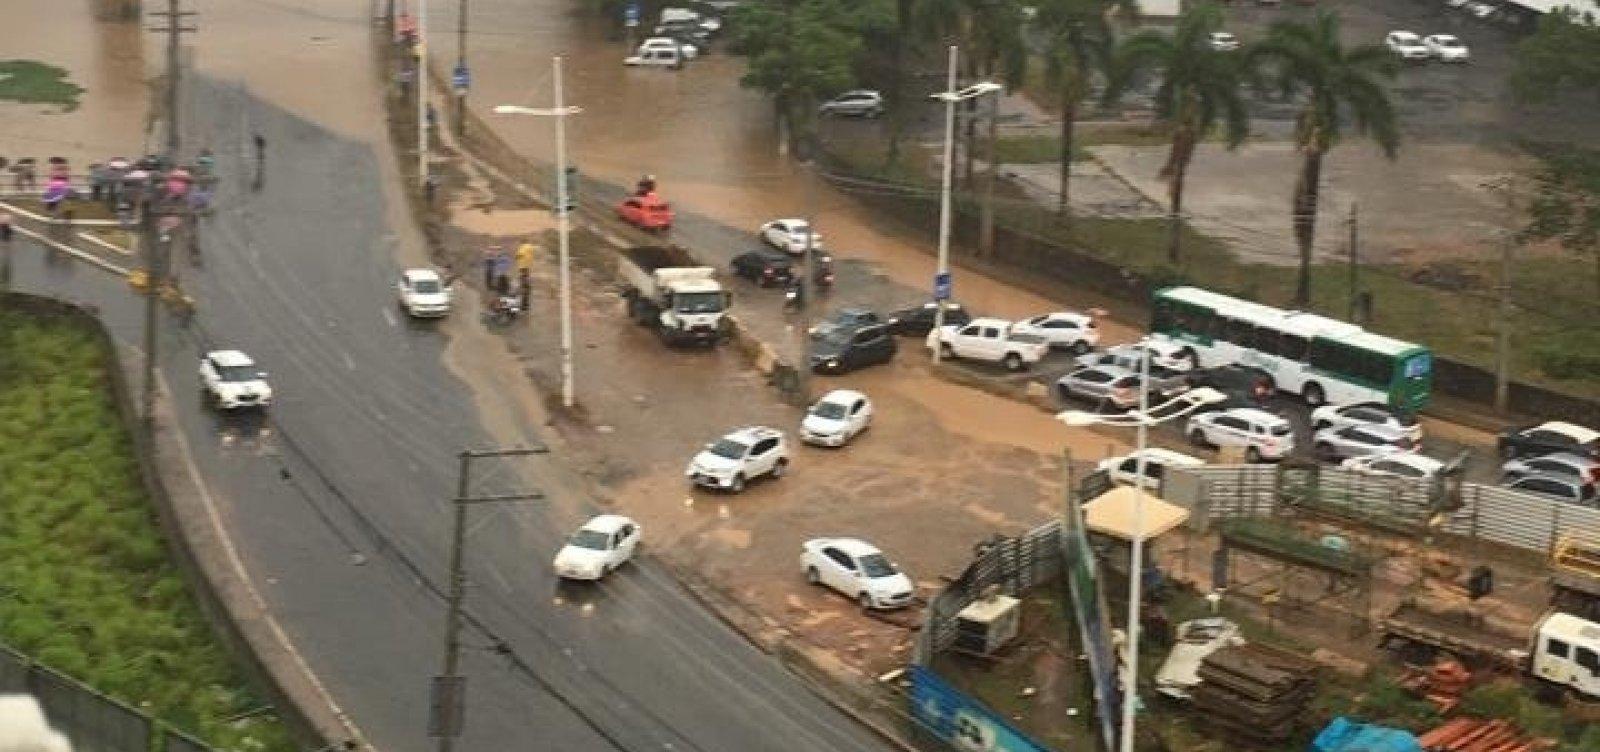 Avenida ACM fica alagada após chuva em Salvador; veja vídeo